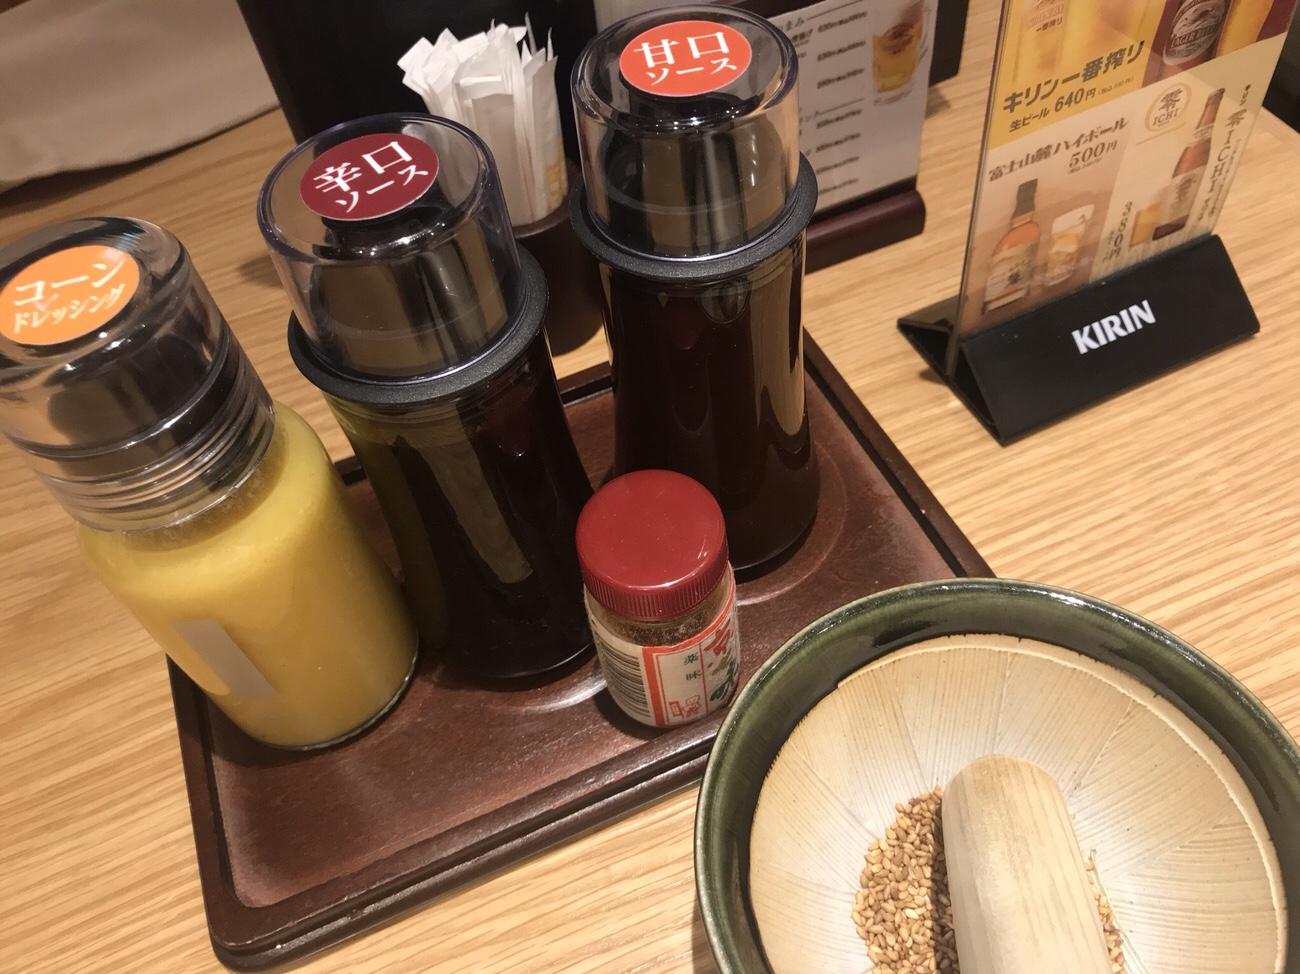 福岡空港 食事レポート とんかつ黄金色の豚